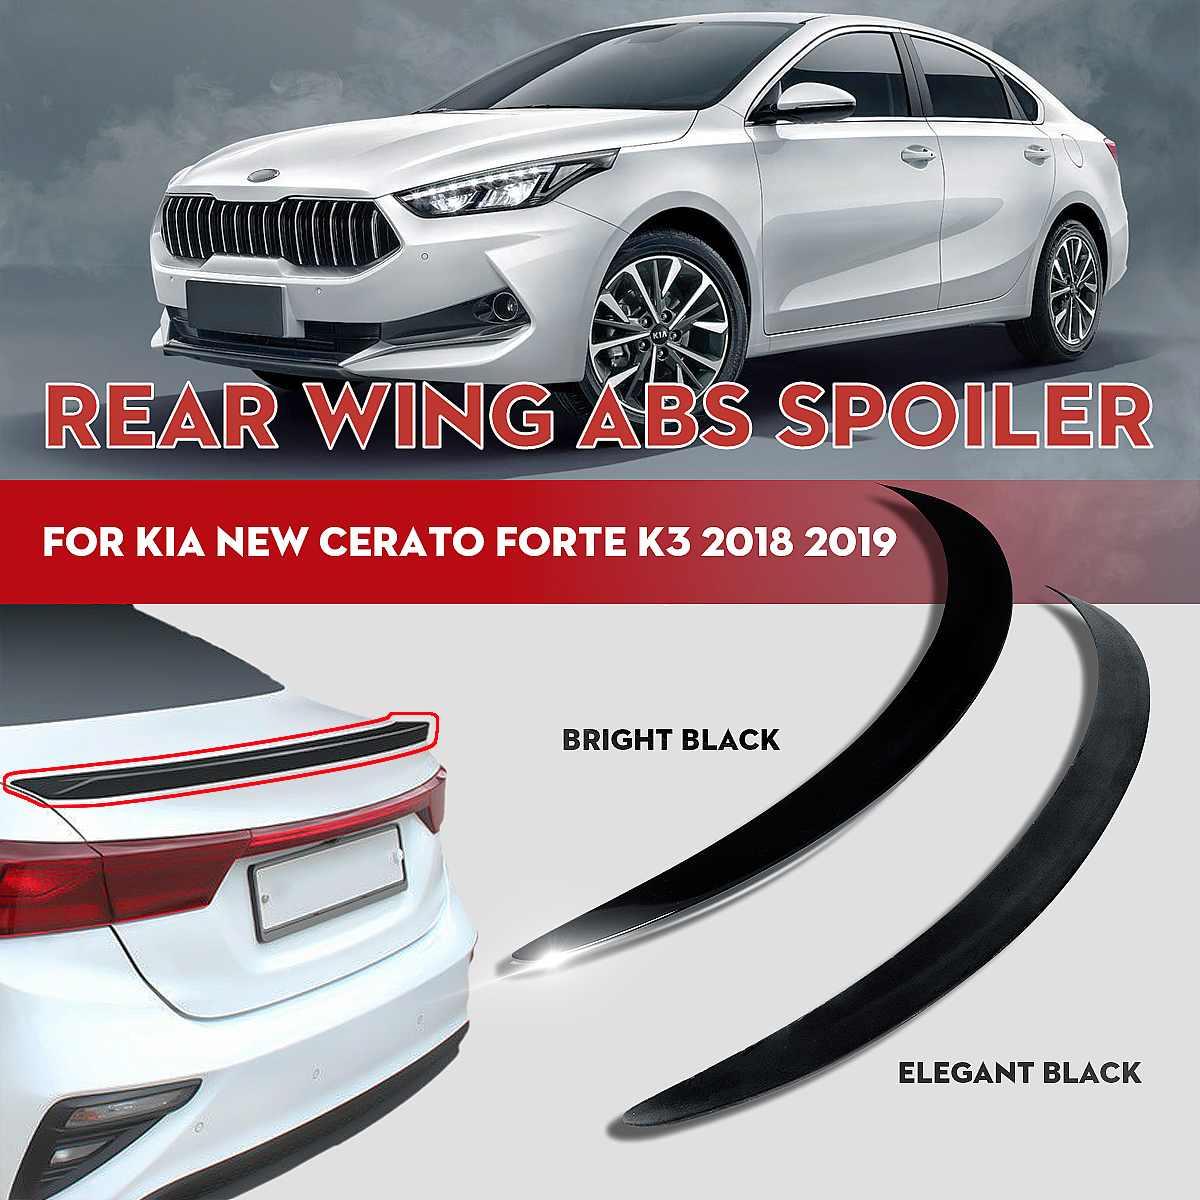 ABS 車のリアトランクスポイラーリップ翼ガードマット明るい黒起亜セラートフォルテスポーツ GT 2018 2019